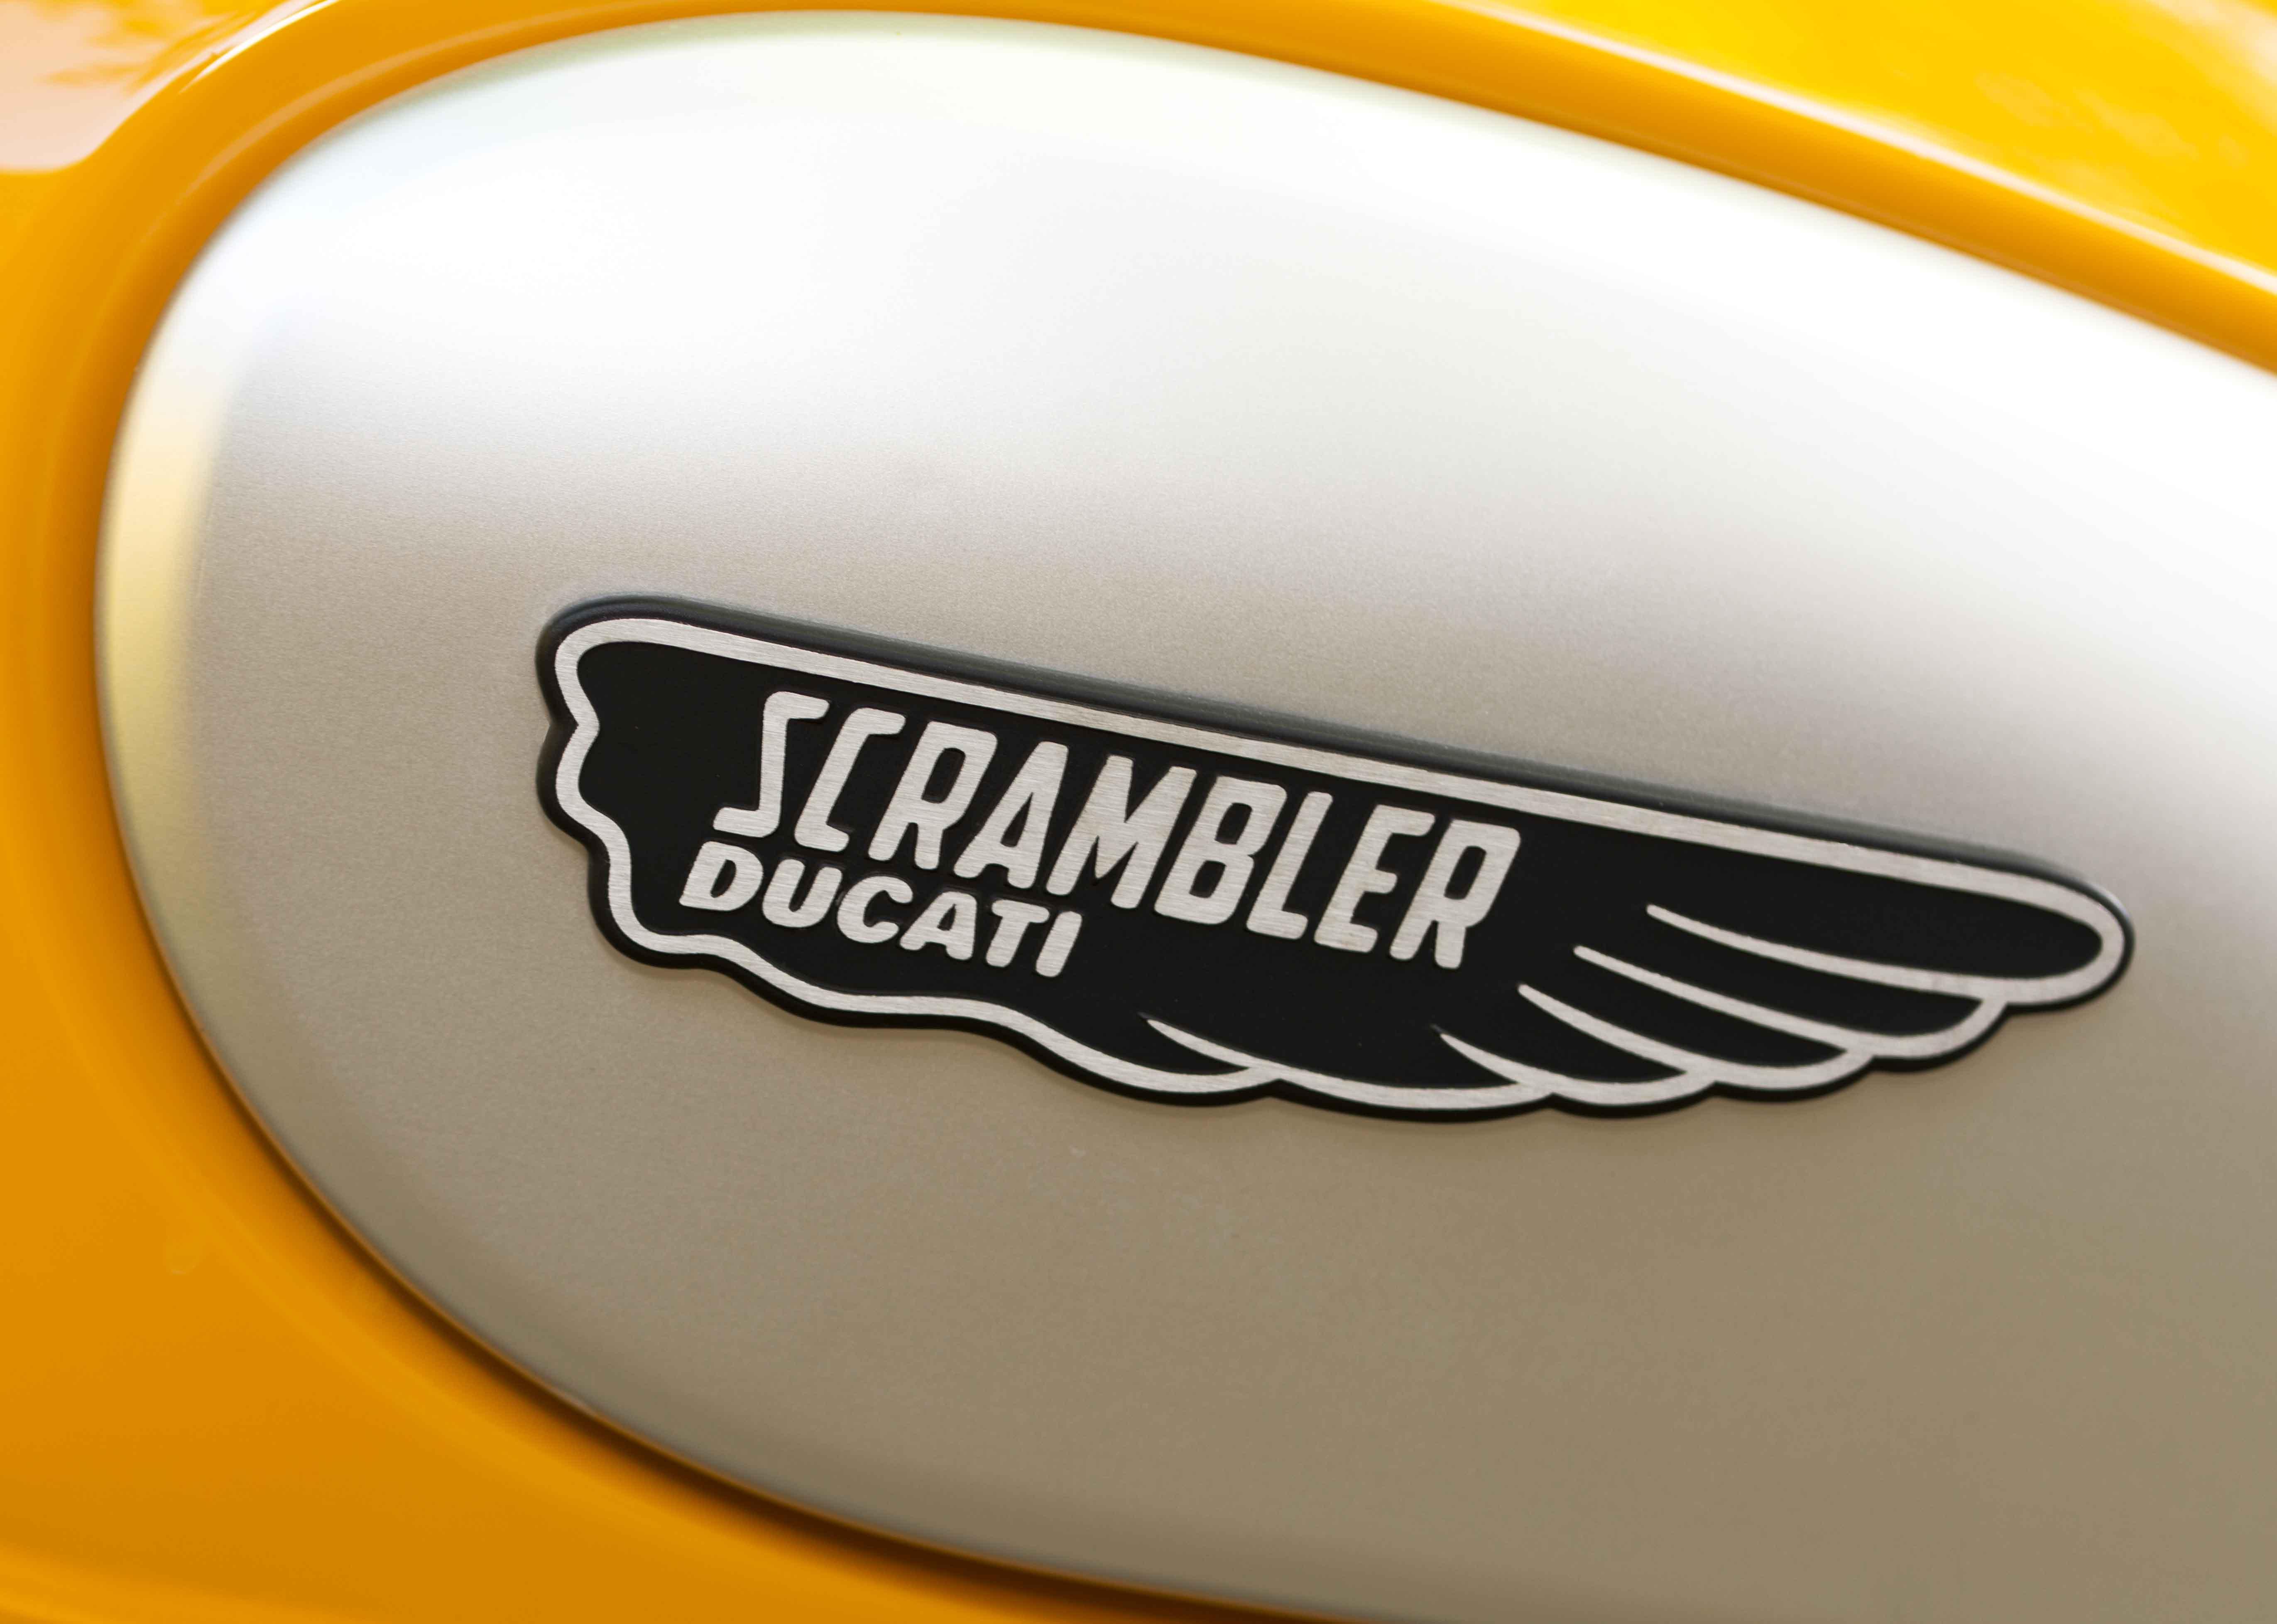 comparo_vintage_2016_ducati_scrambler_800_logo